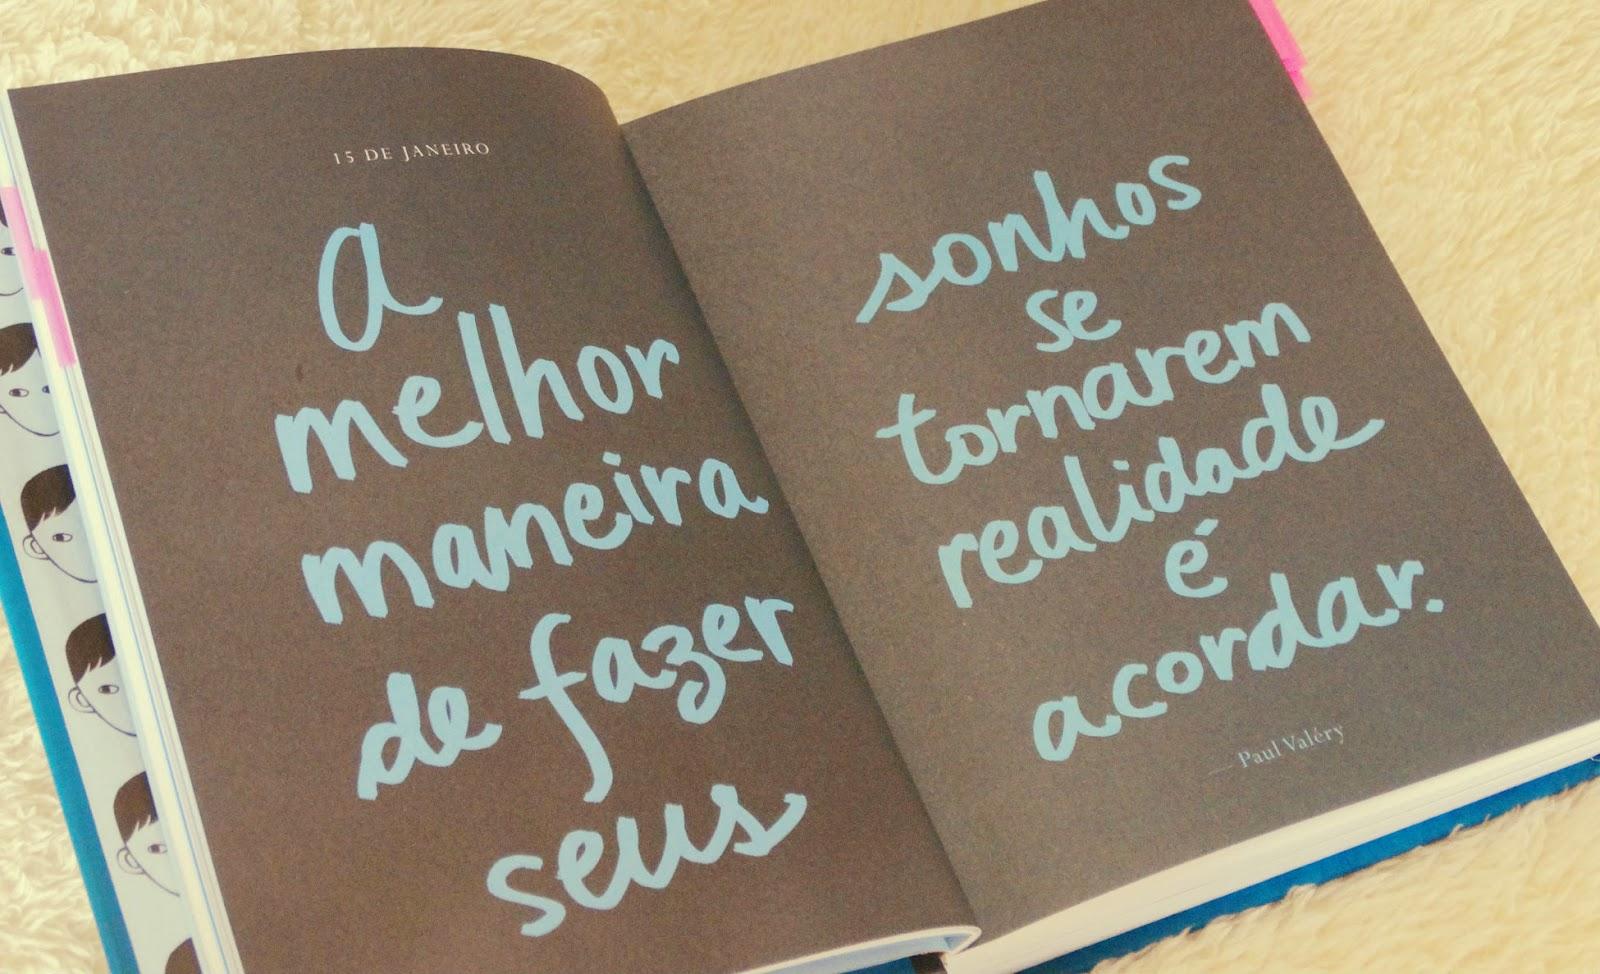 frase de livro